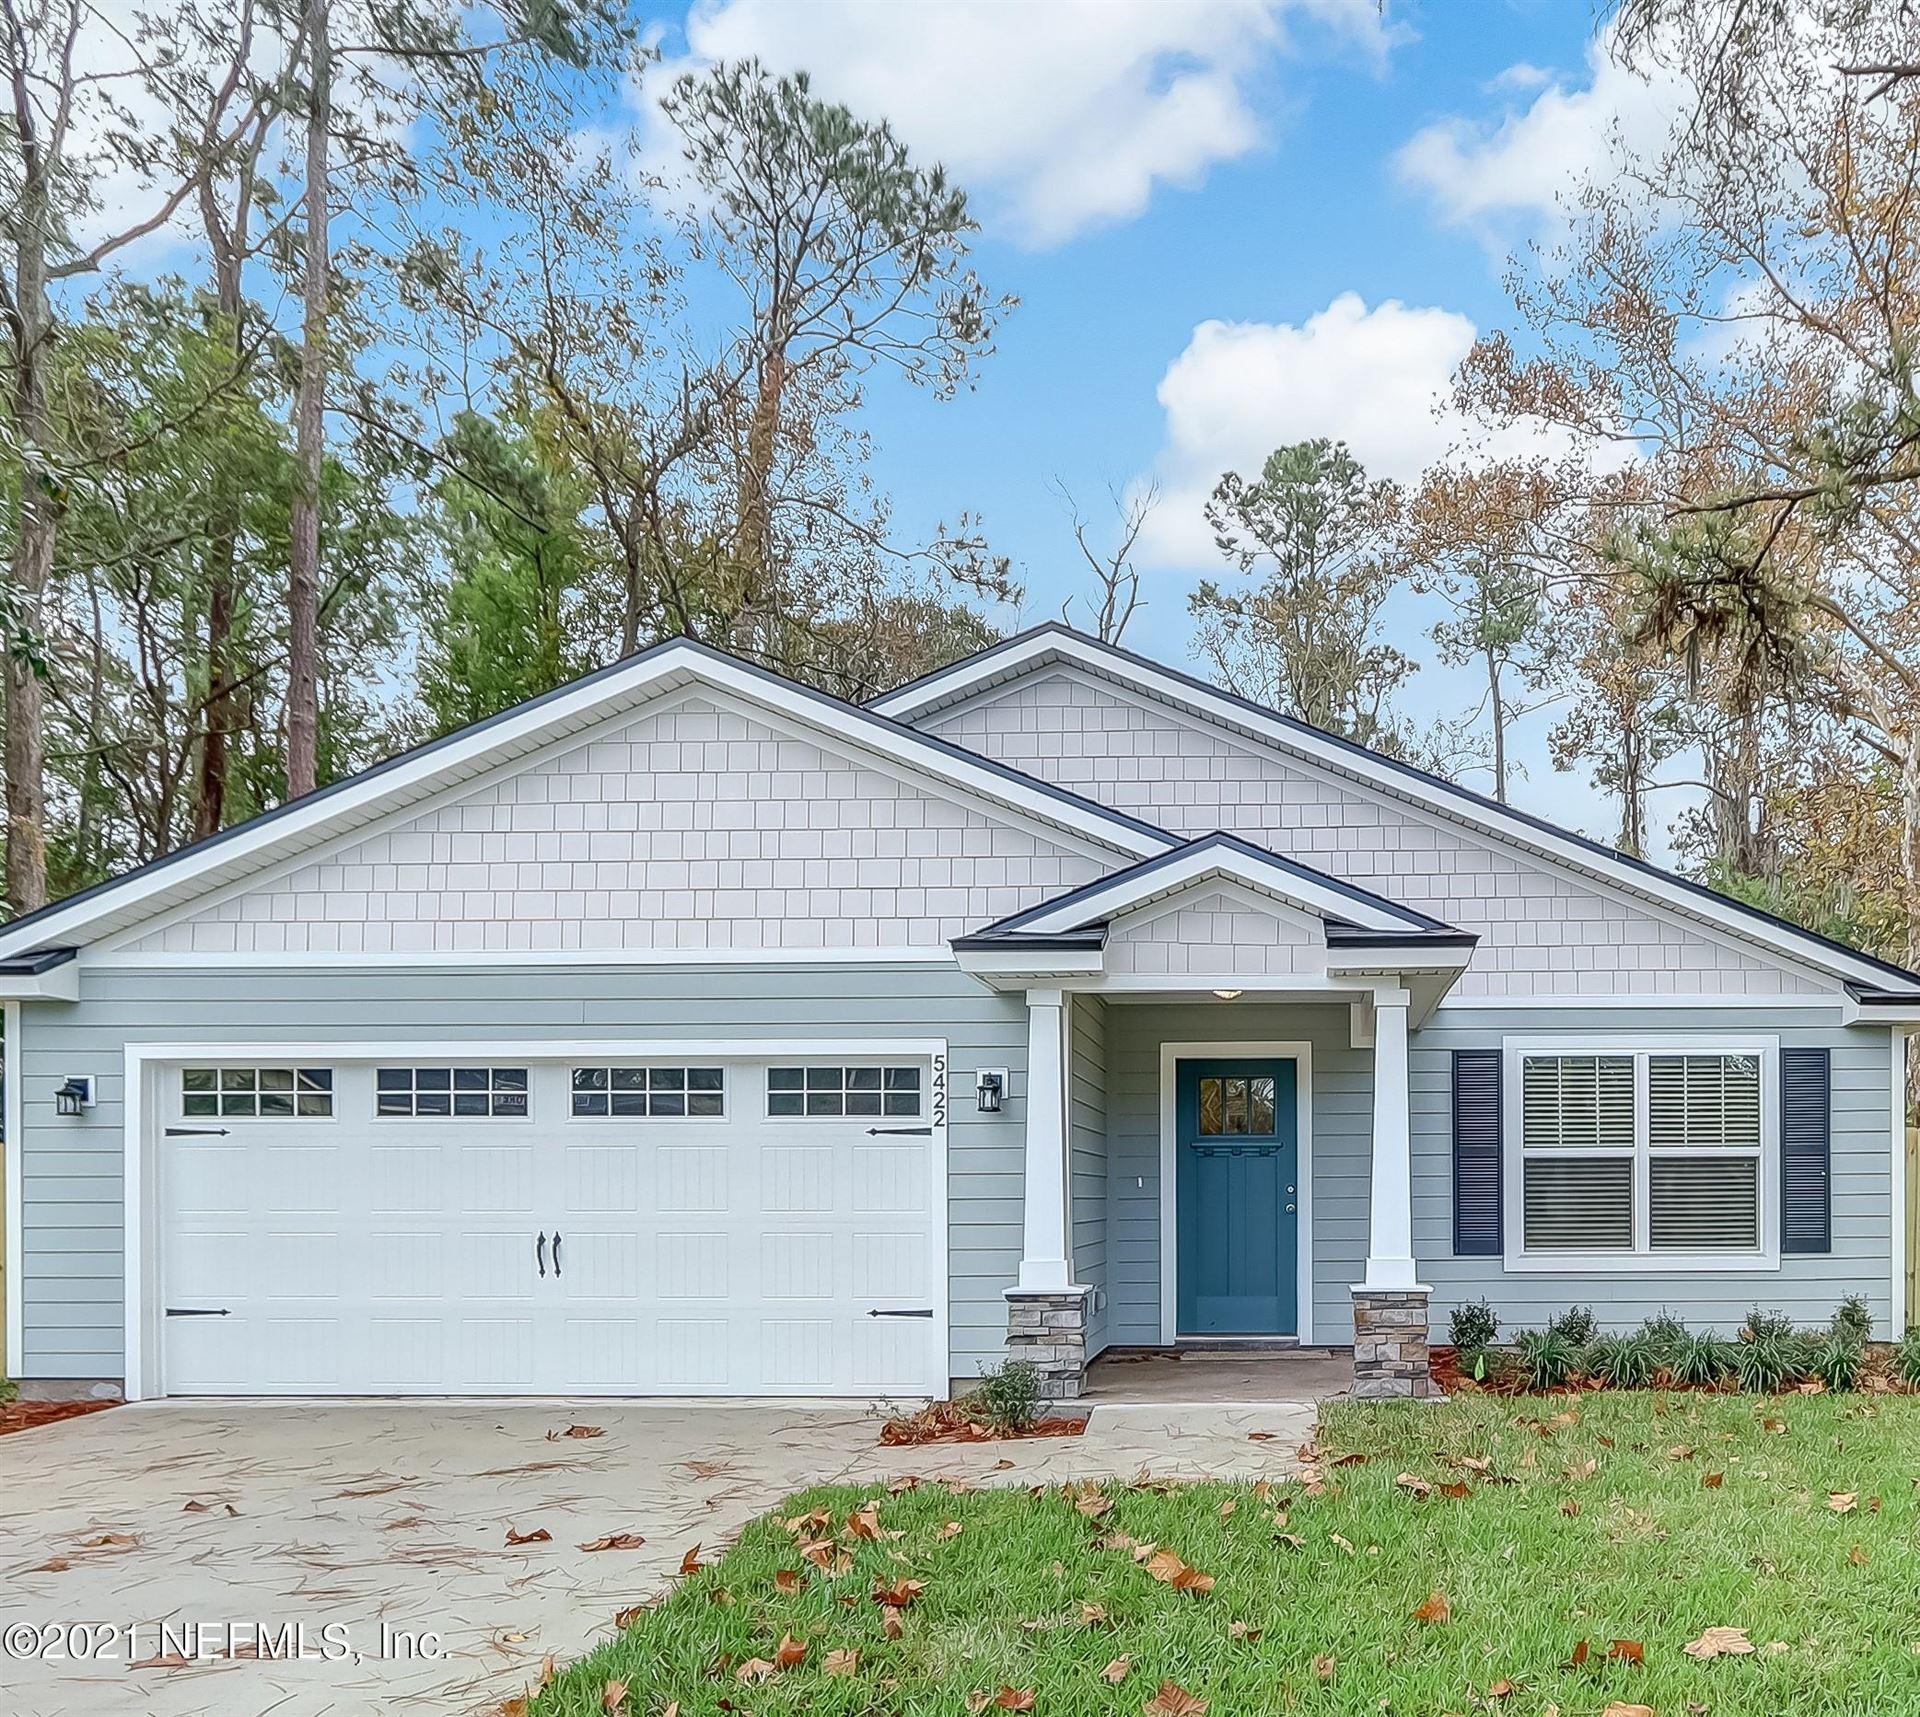 2294 FOREST BLVD, Jacksonville, FL 32246 - MLS#: 1101769